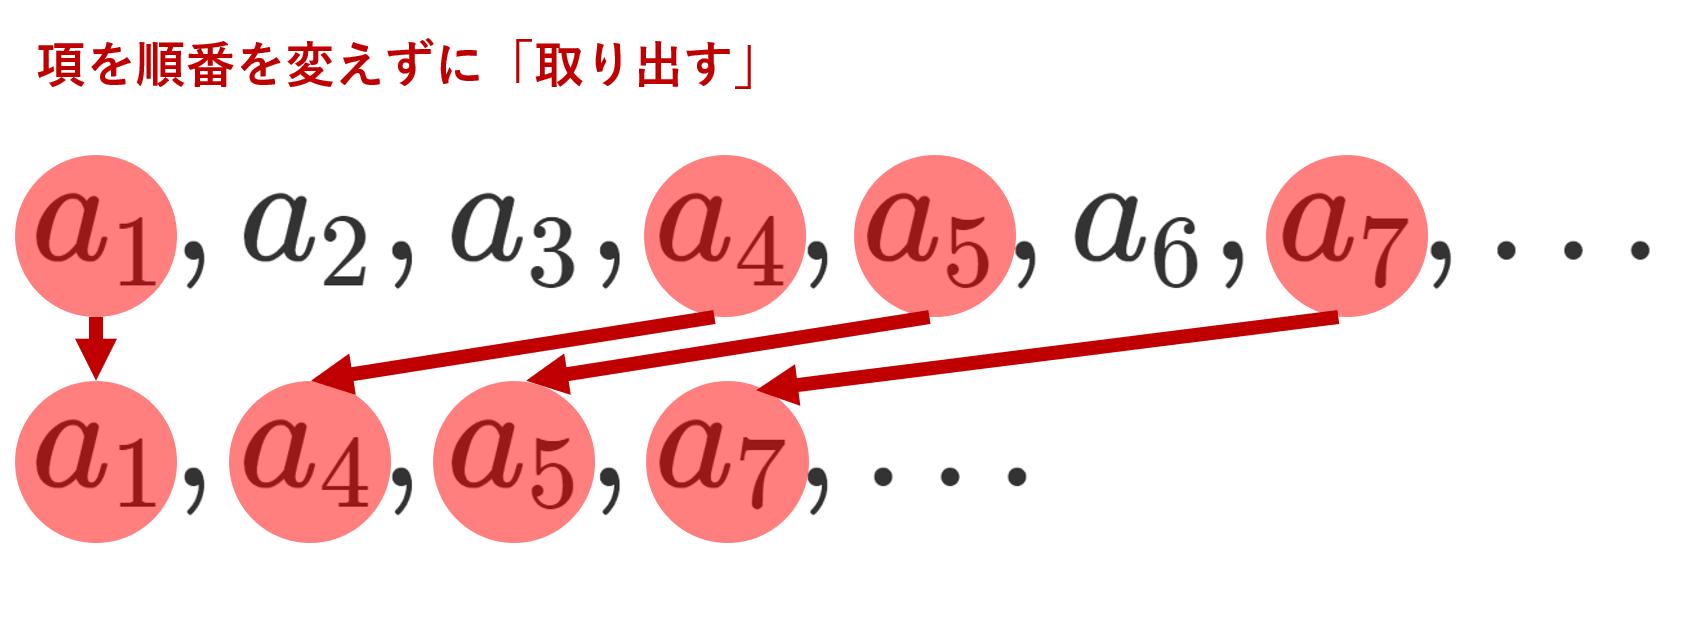 【数列など】部分列とは何か~定義と応用例~